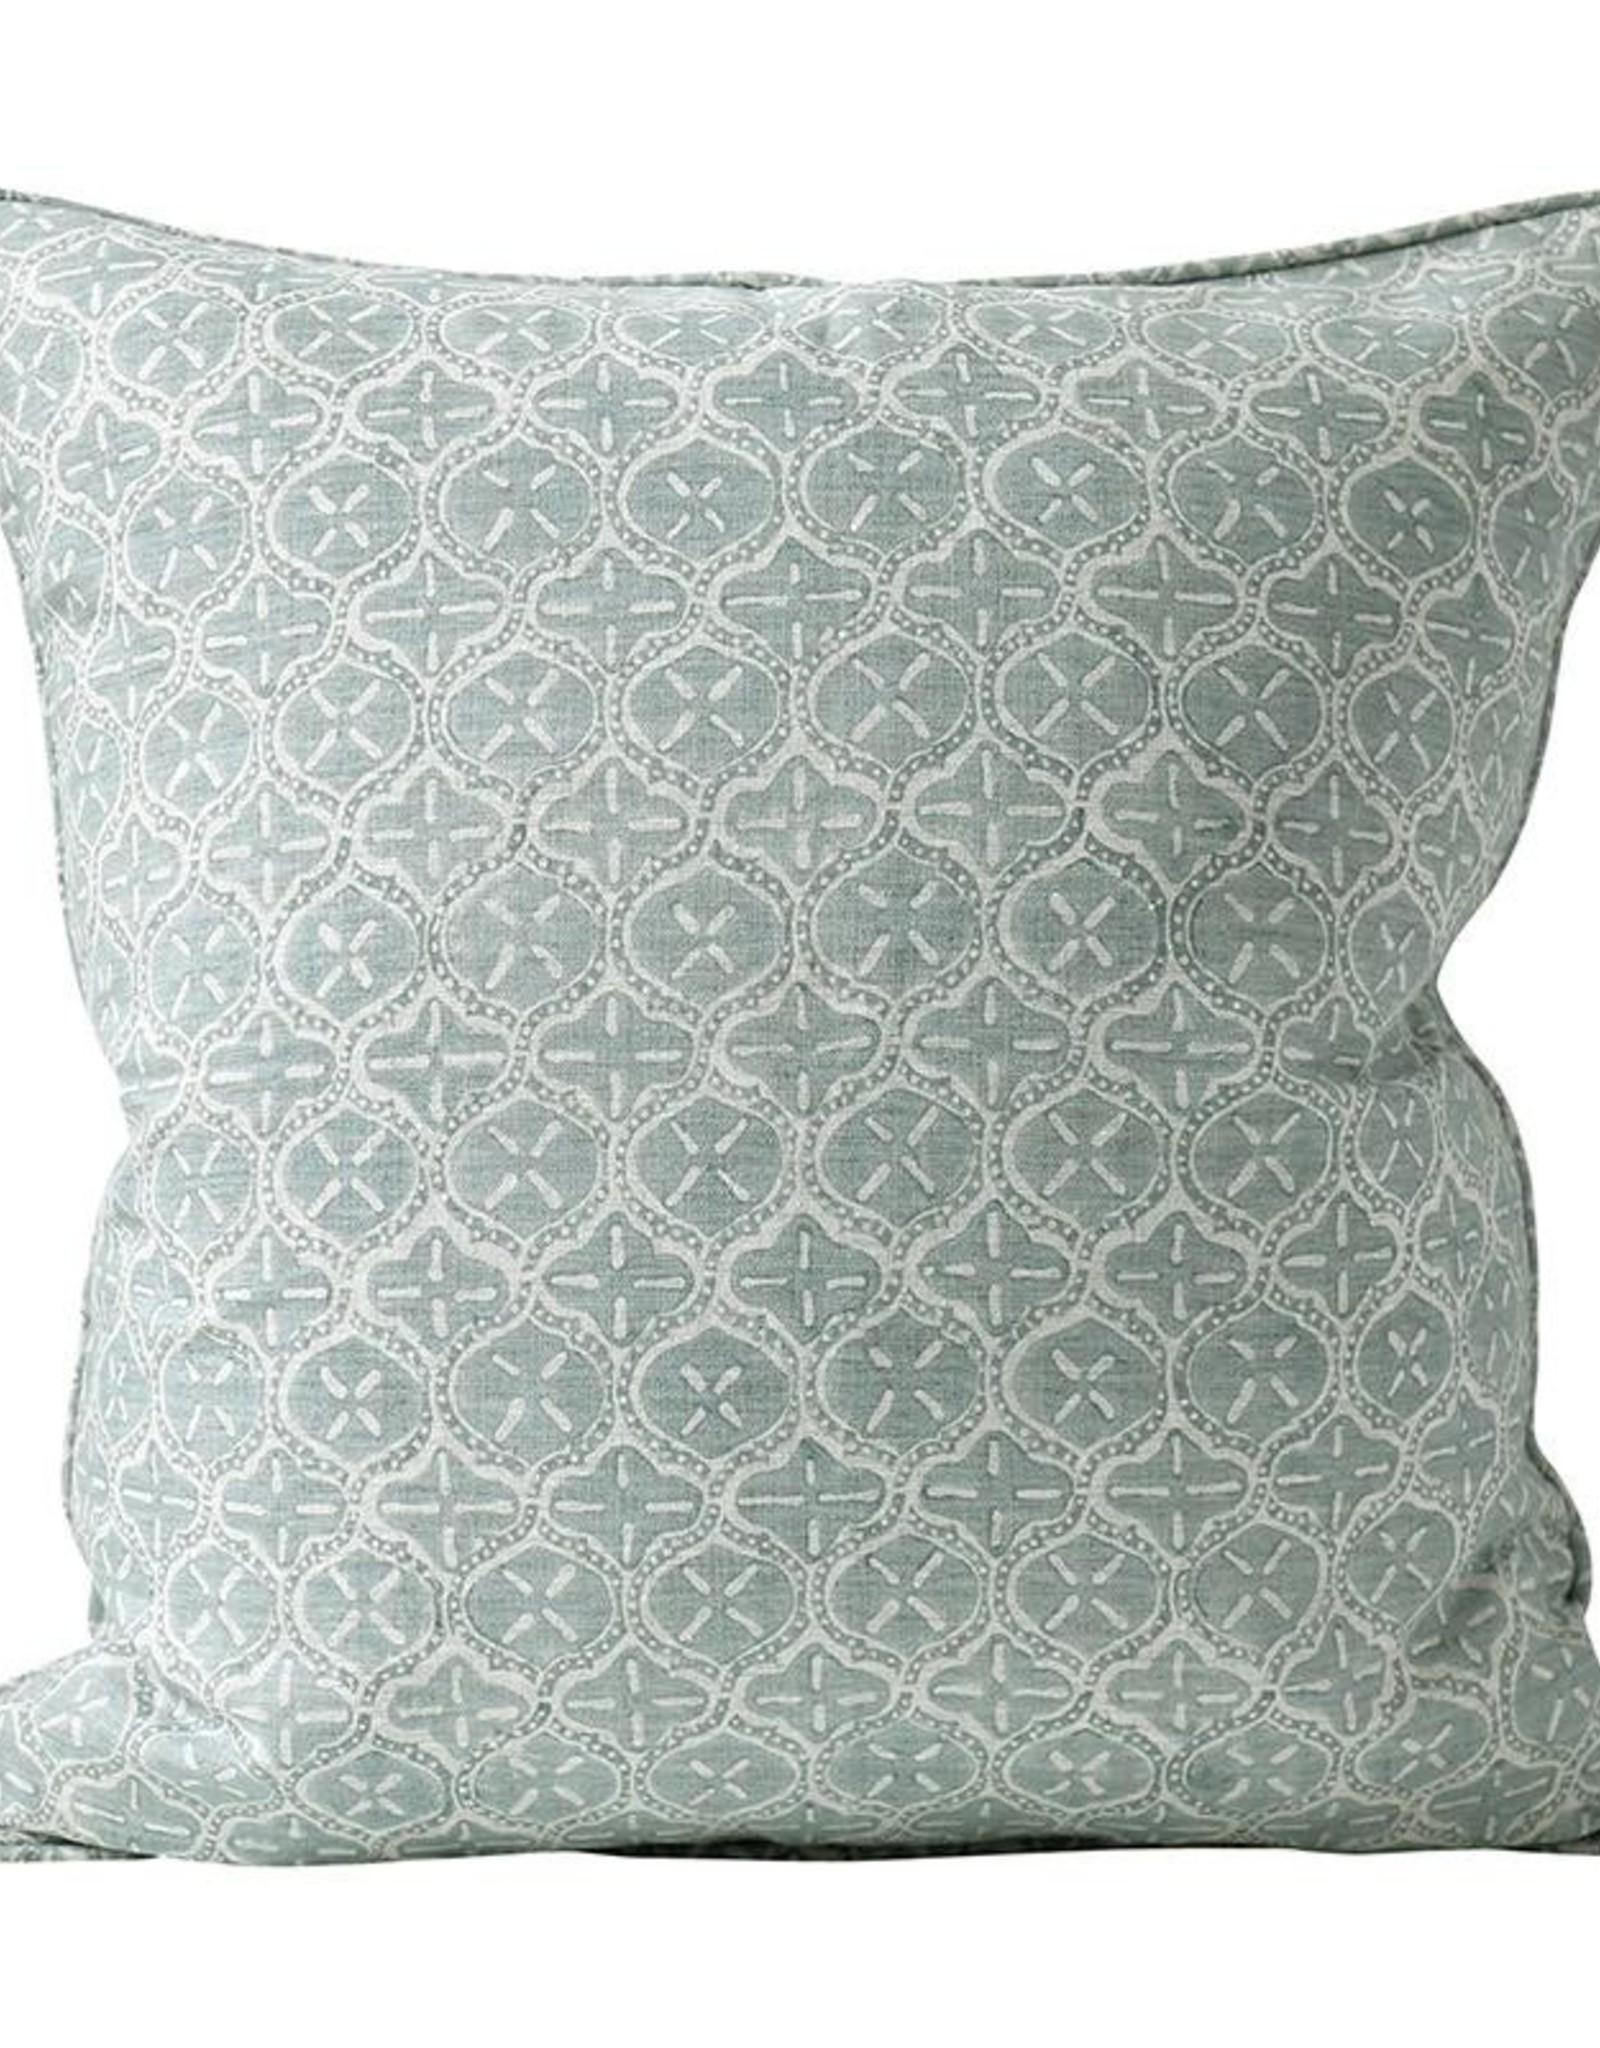 Walter G Pasadena Celadon Pillow 20x20